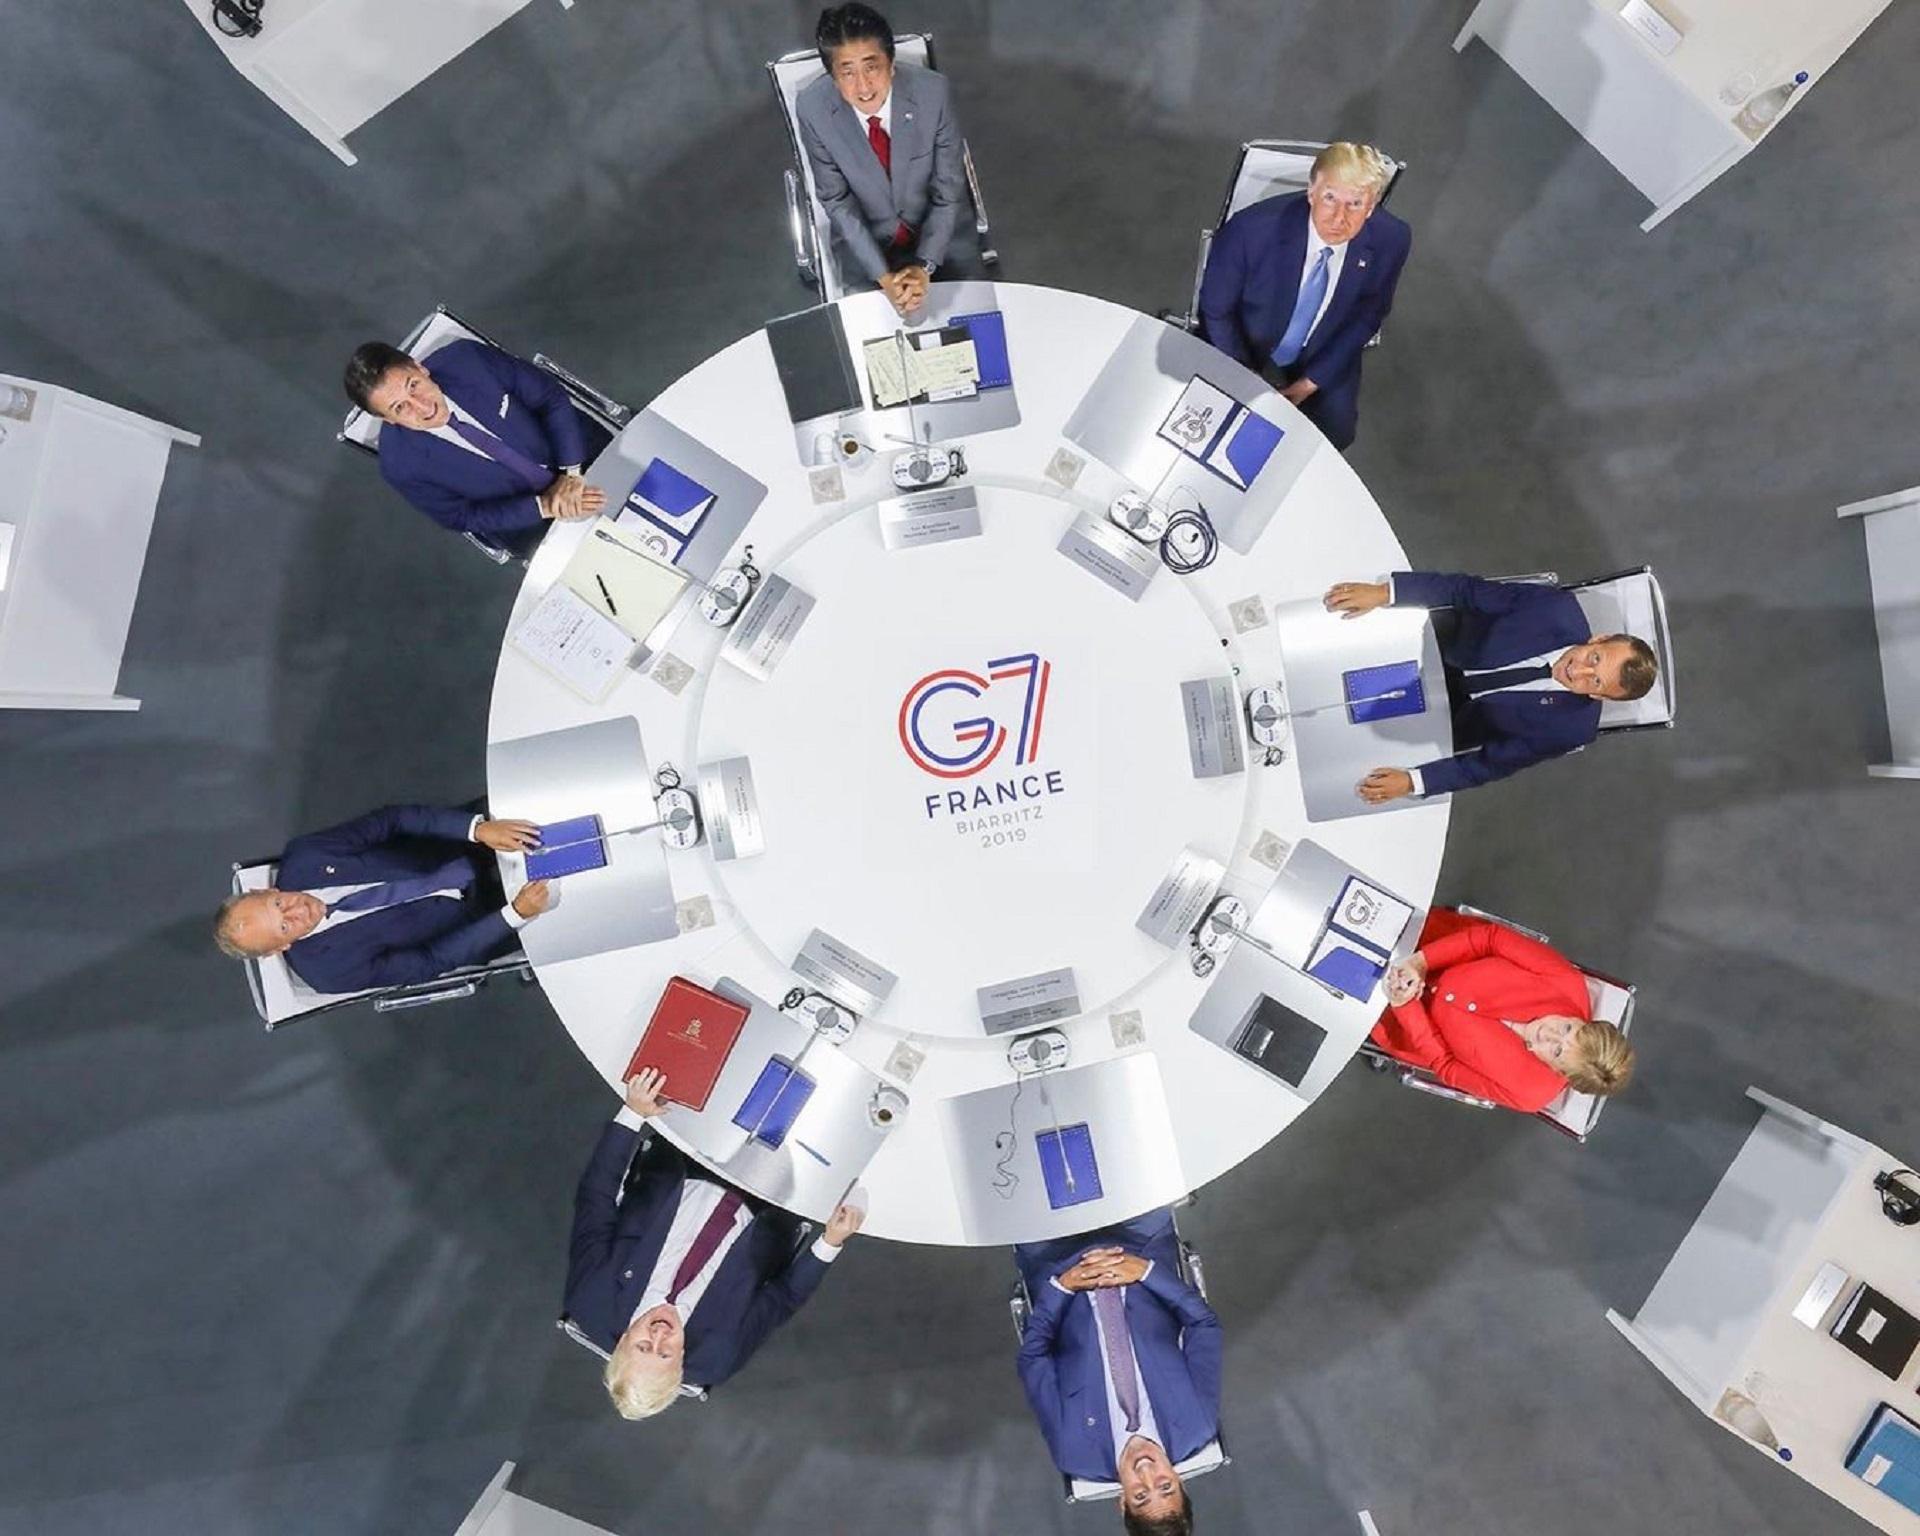 Imagen cenital de los 7 líderes del bloque